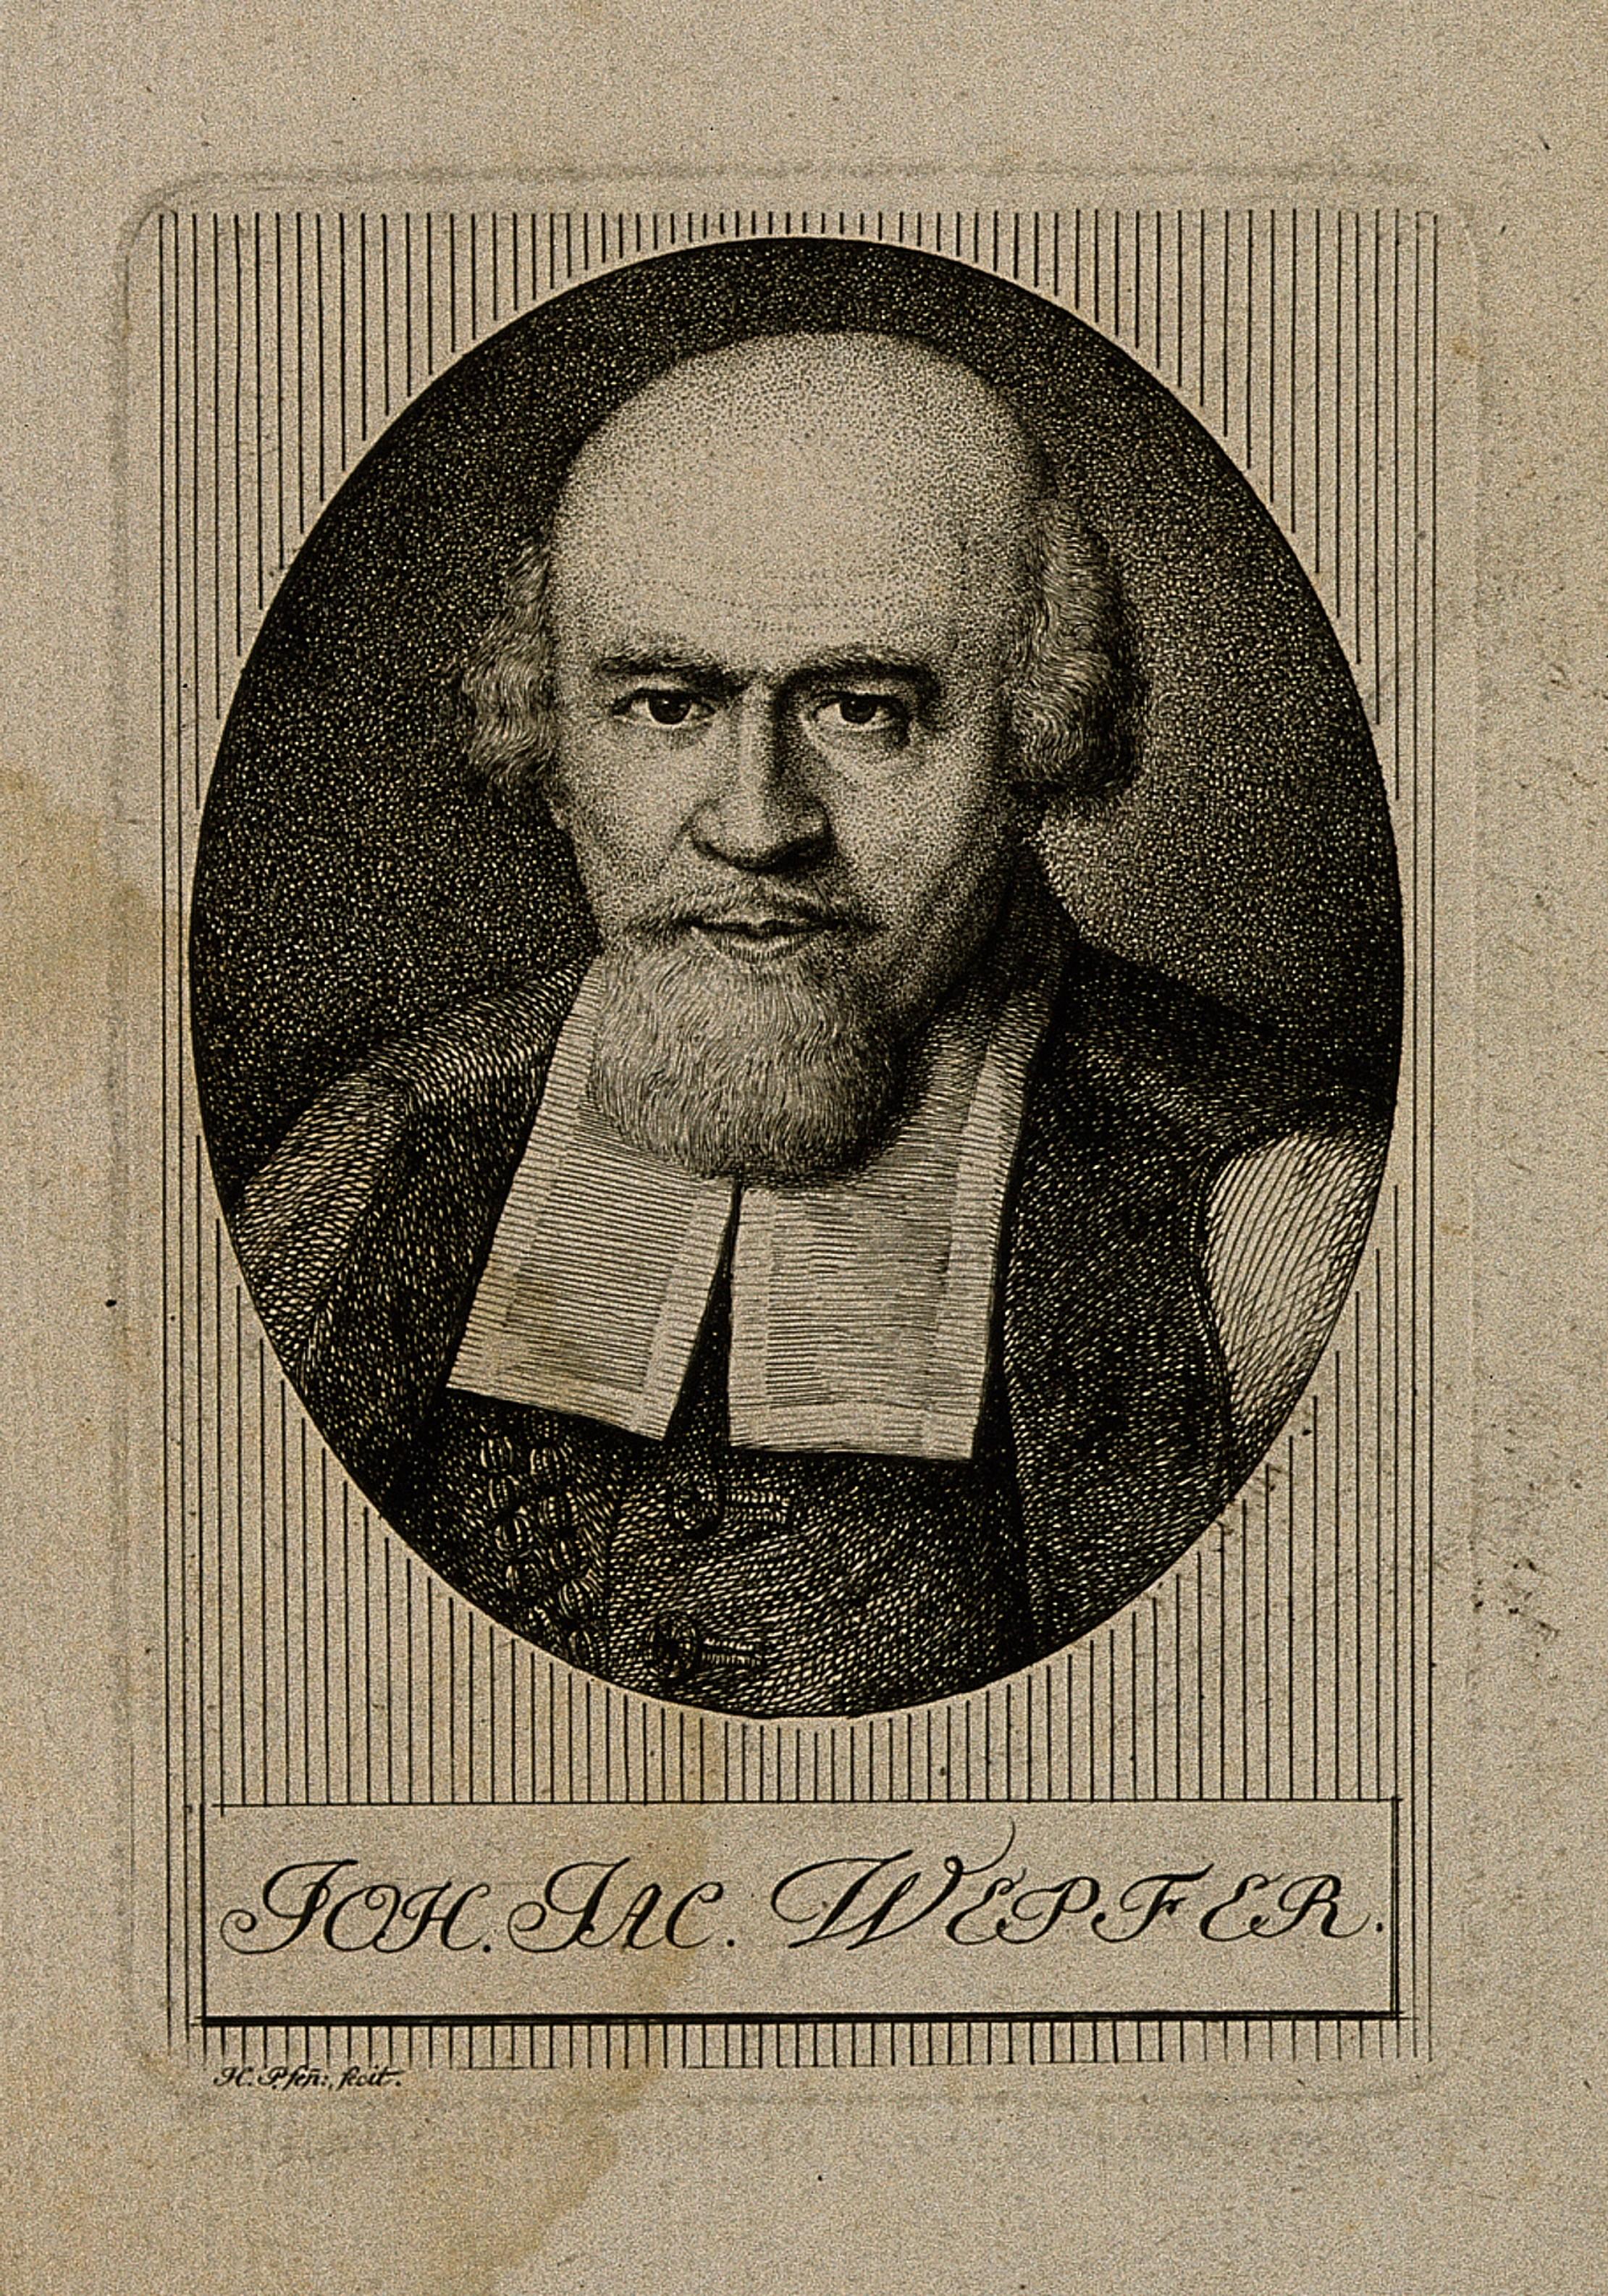 Engraving of Johann Jakob Wepfer